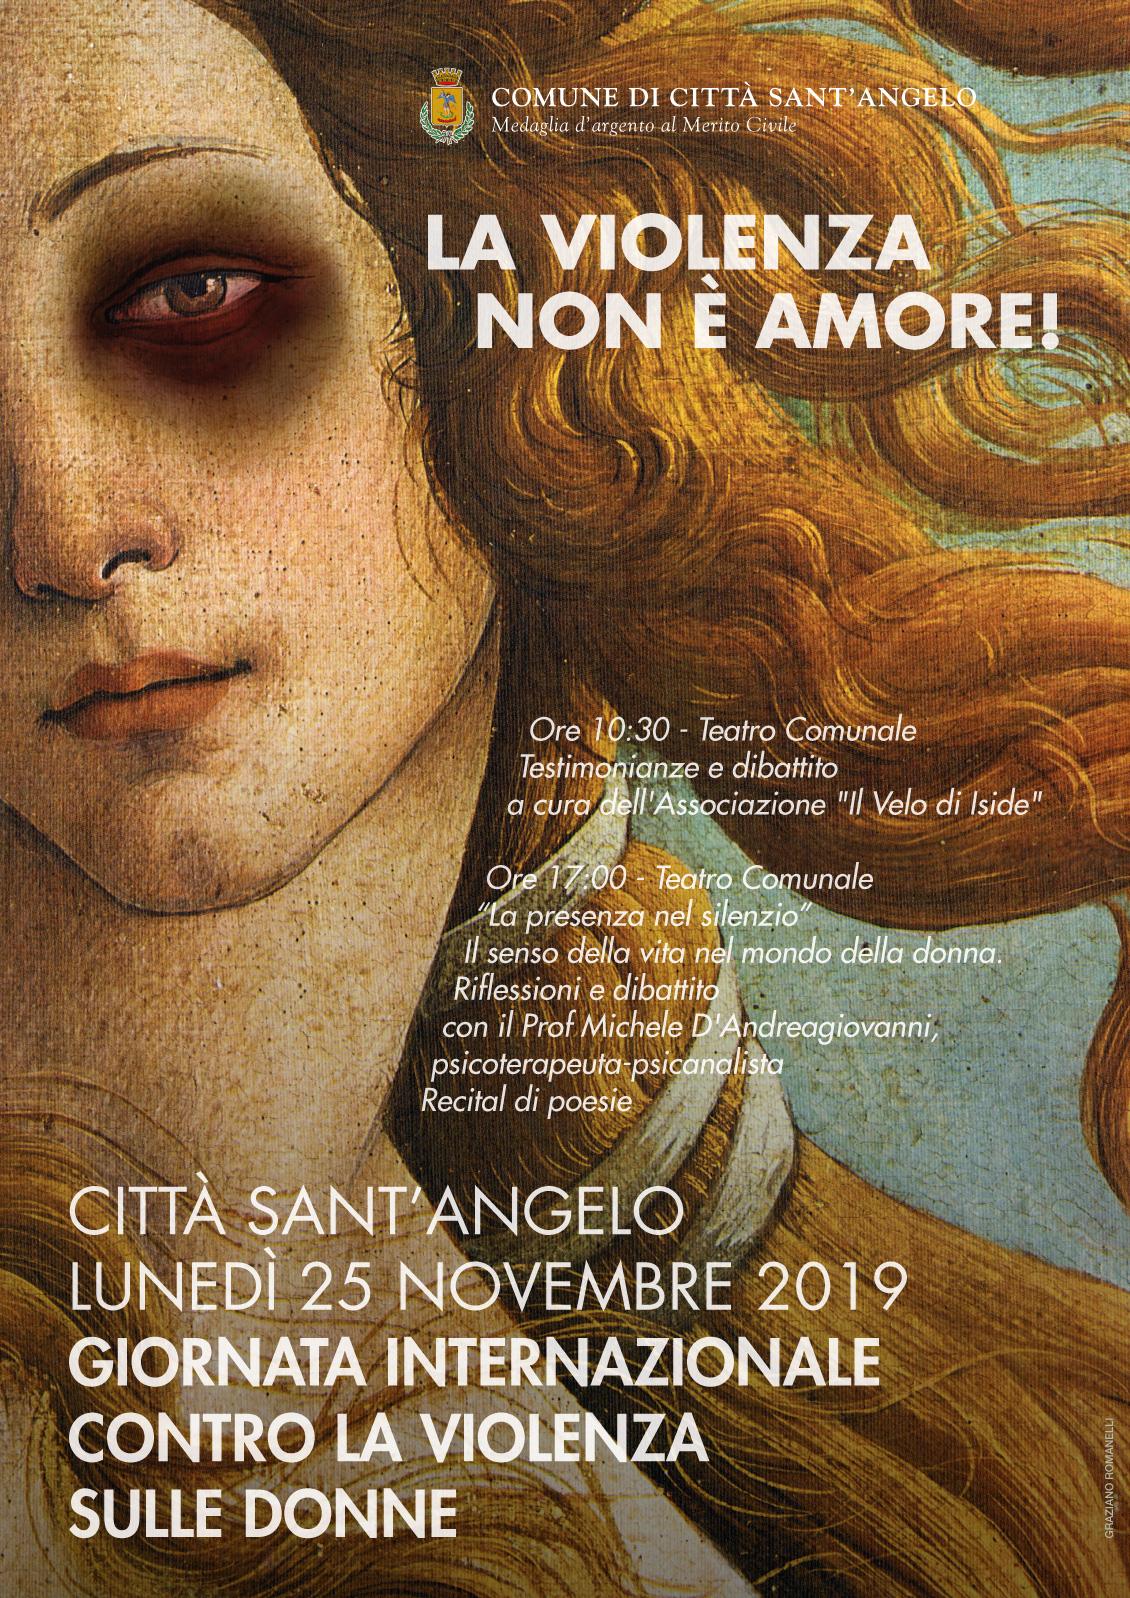 giornata internazionale contro la violenza sulle donne 2019 visit citta sant angelo la violenza sulle donne 2019